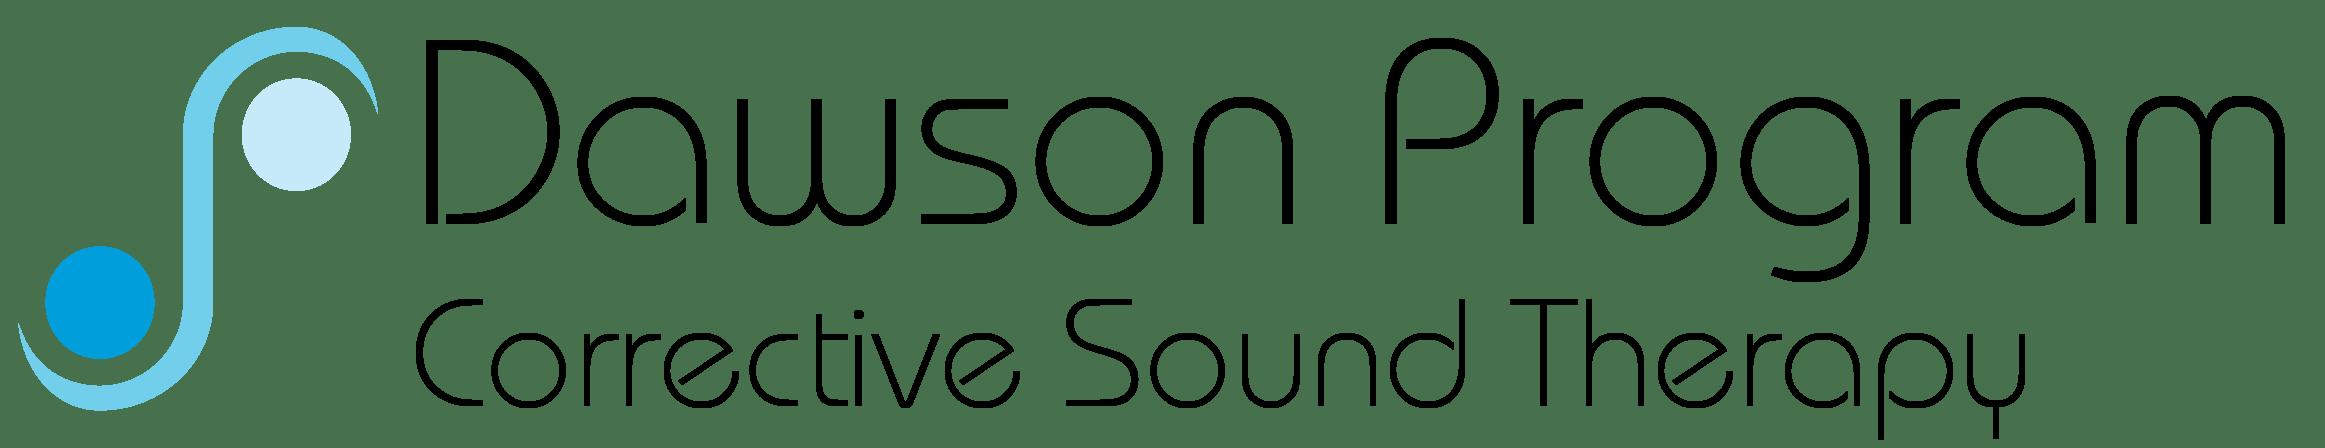 Dawson Program